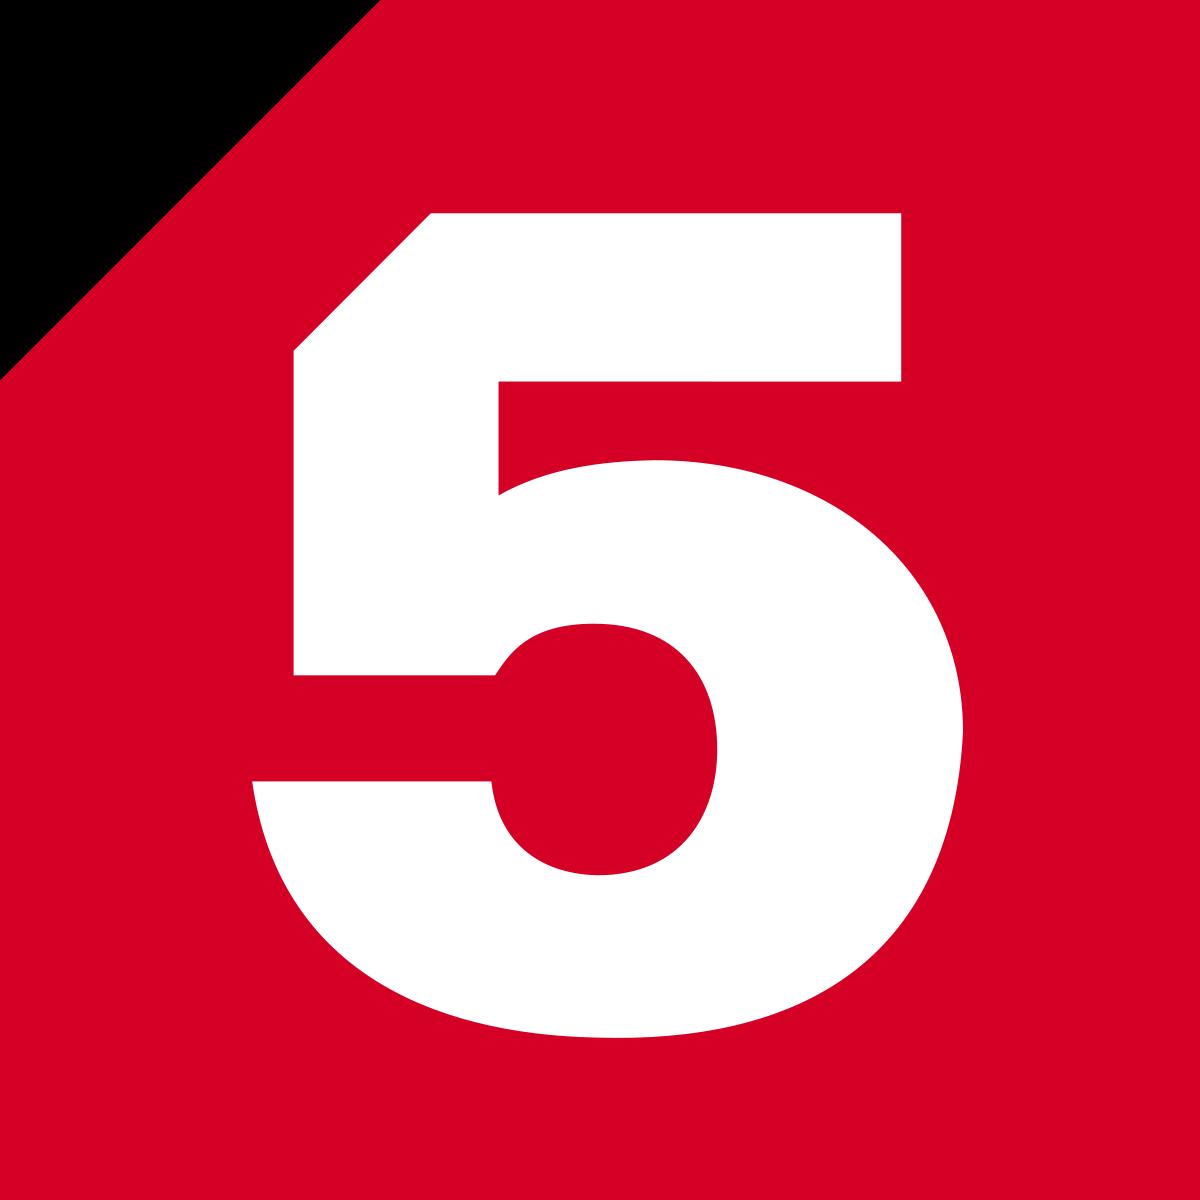 Логотип телеканала Пятый вещание в г. Баранул